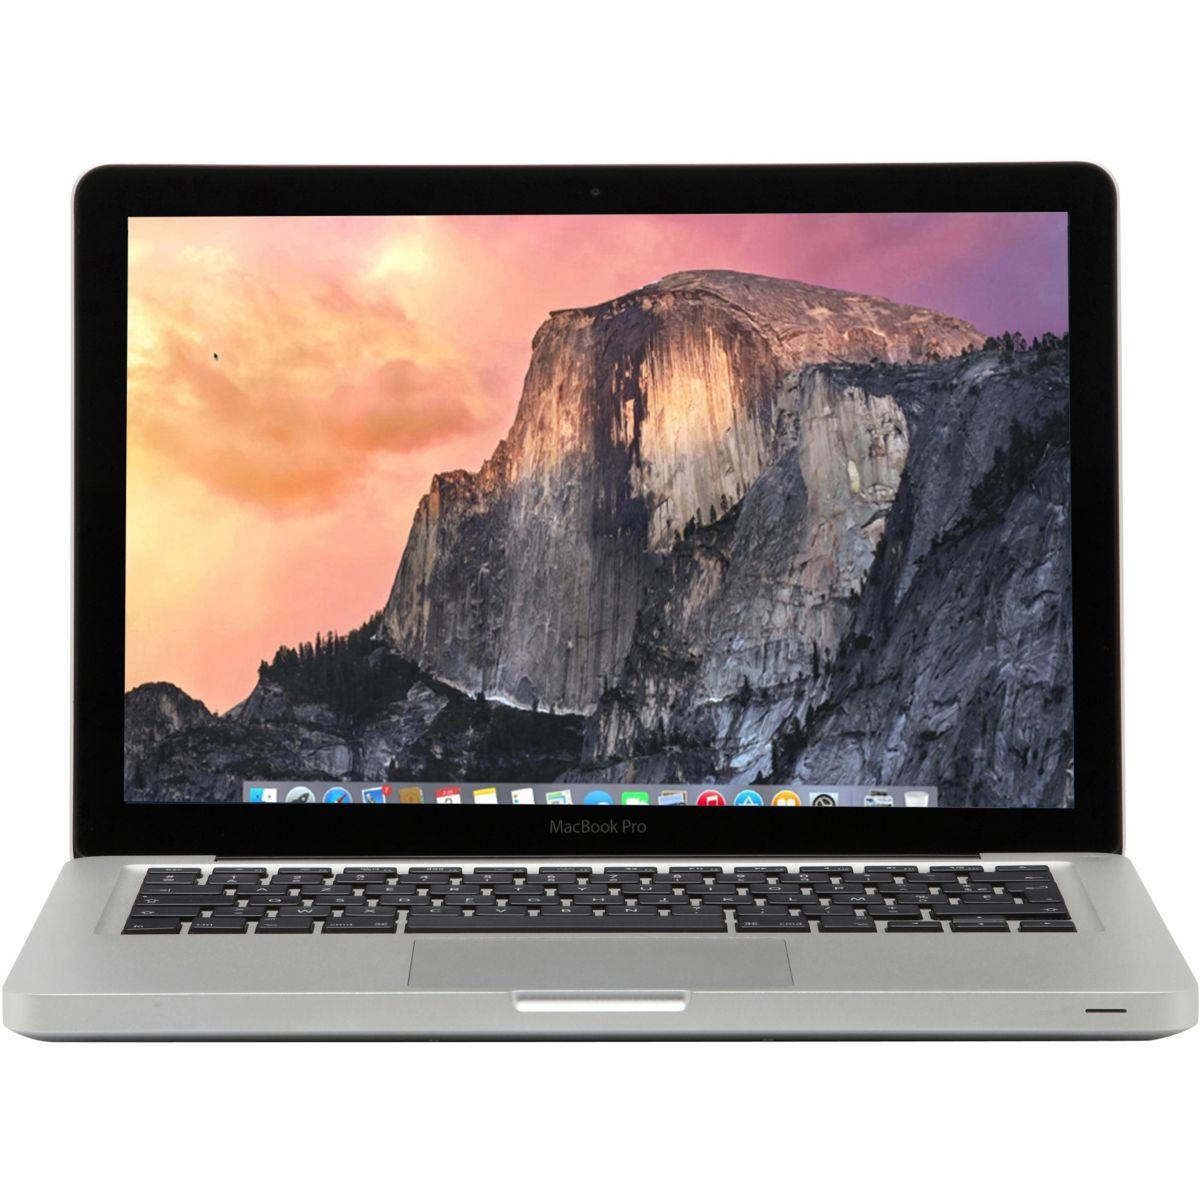 APPLE Macbook Pro 13.3 2.5GHz 4Go 500Go